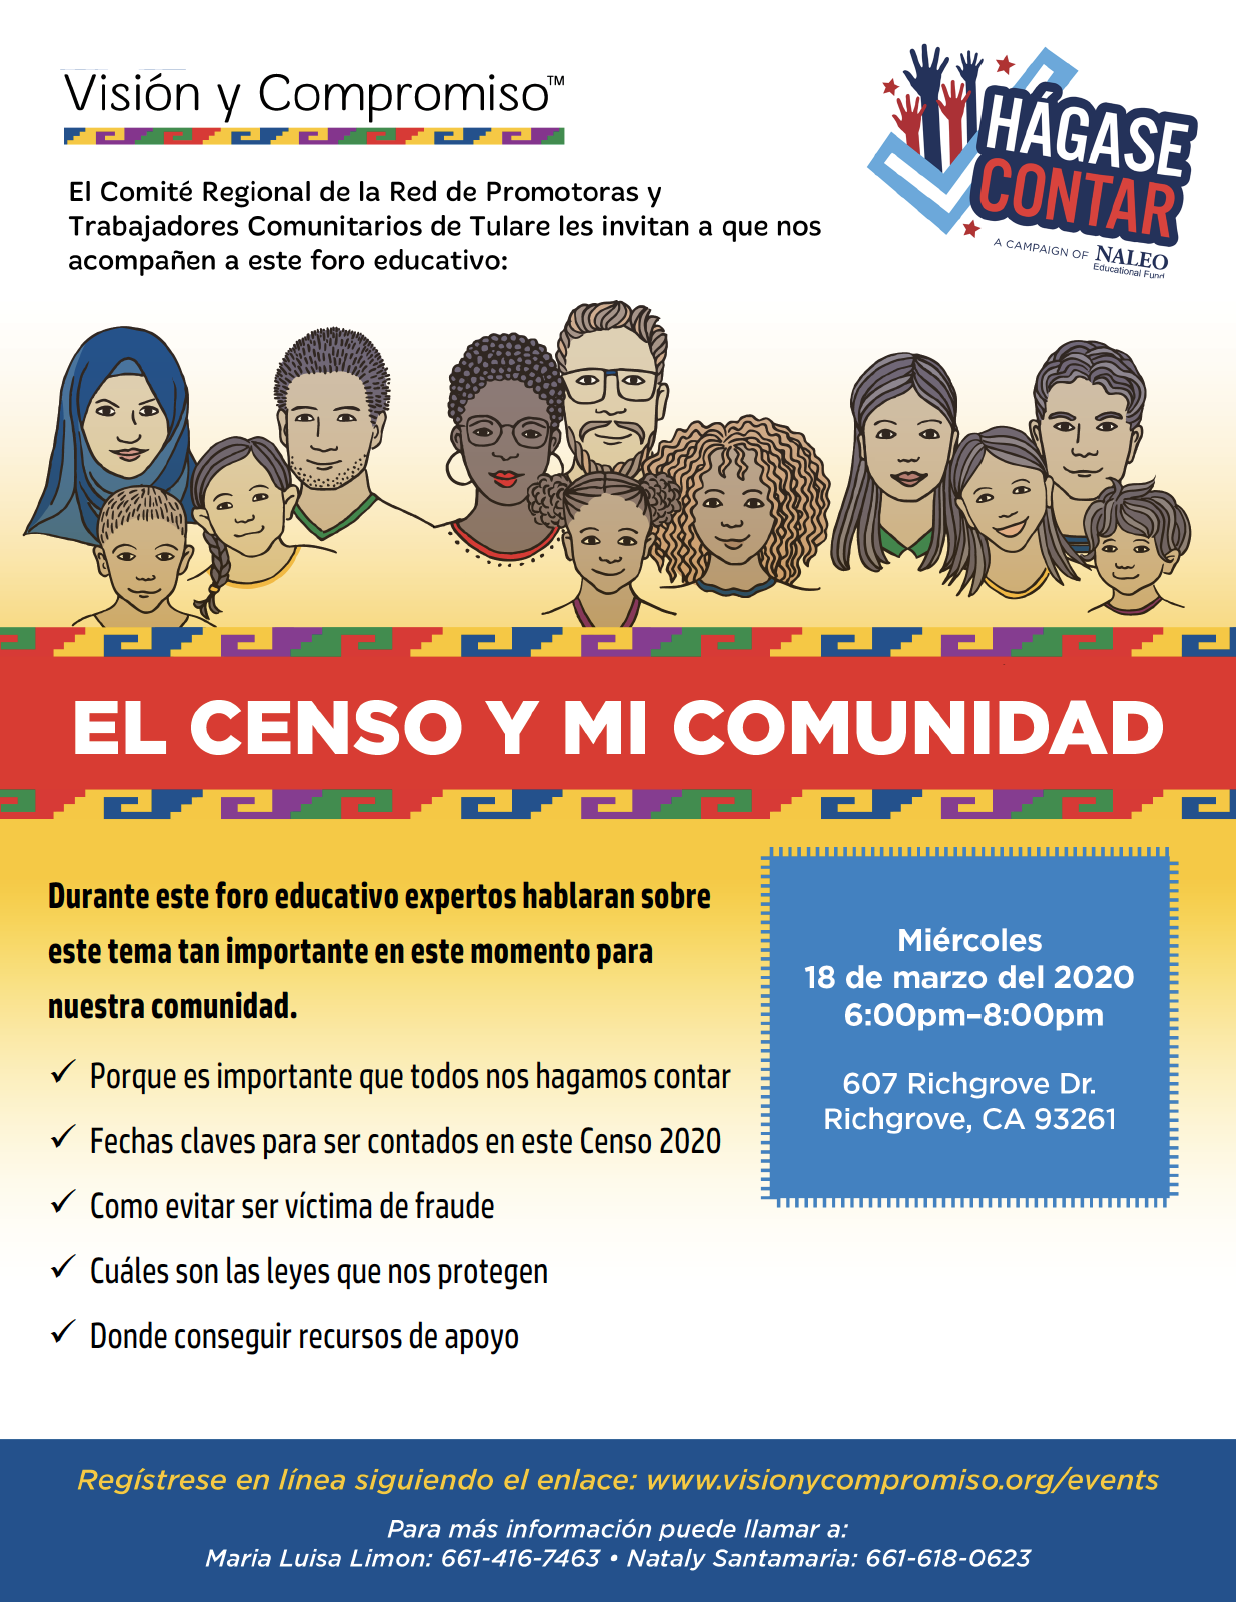 Censo y mi comunidad